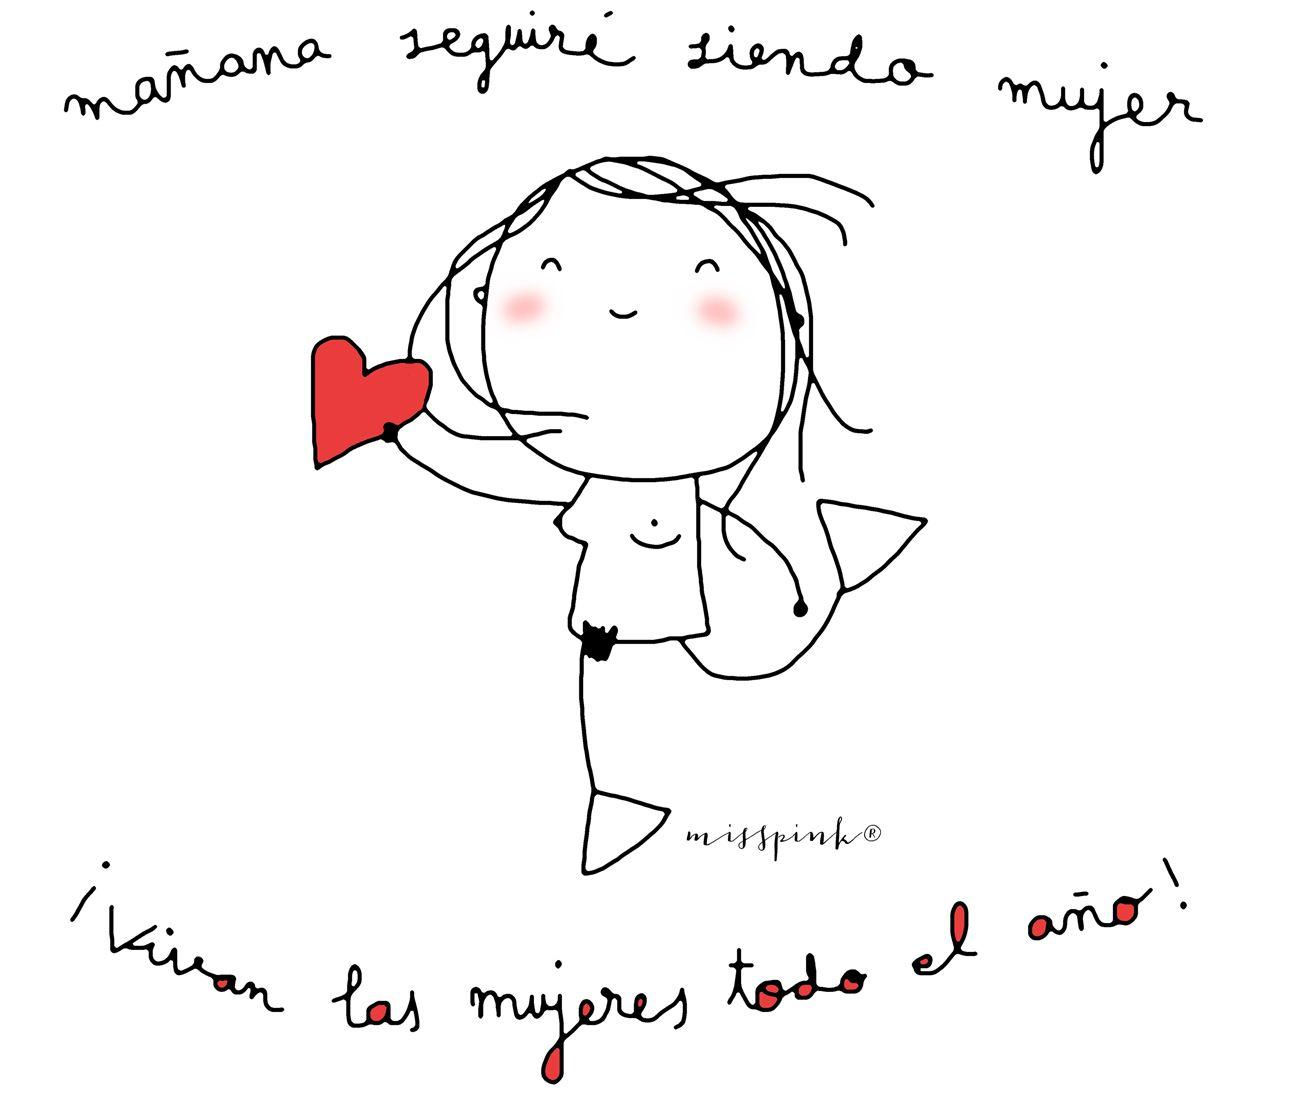 Feliz Día De La Mujer Misspink Feliz Día De La Mujer Frases